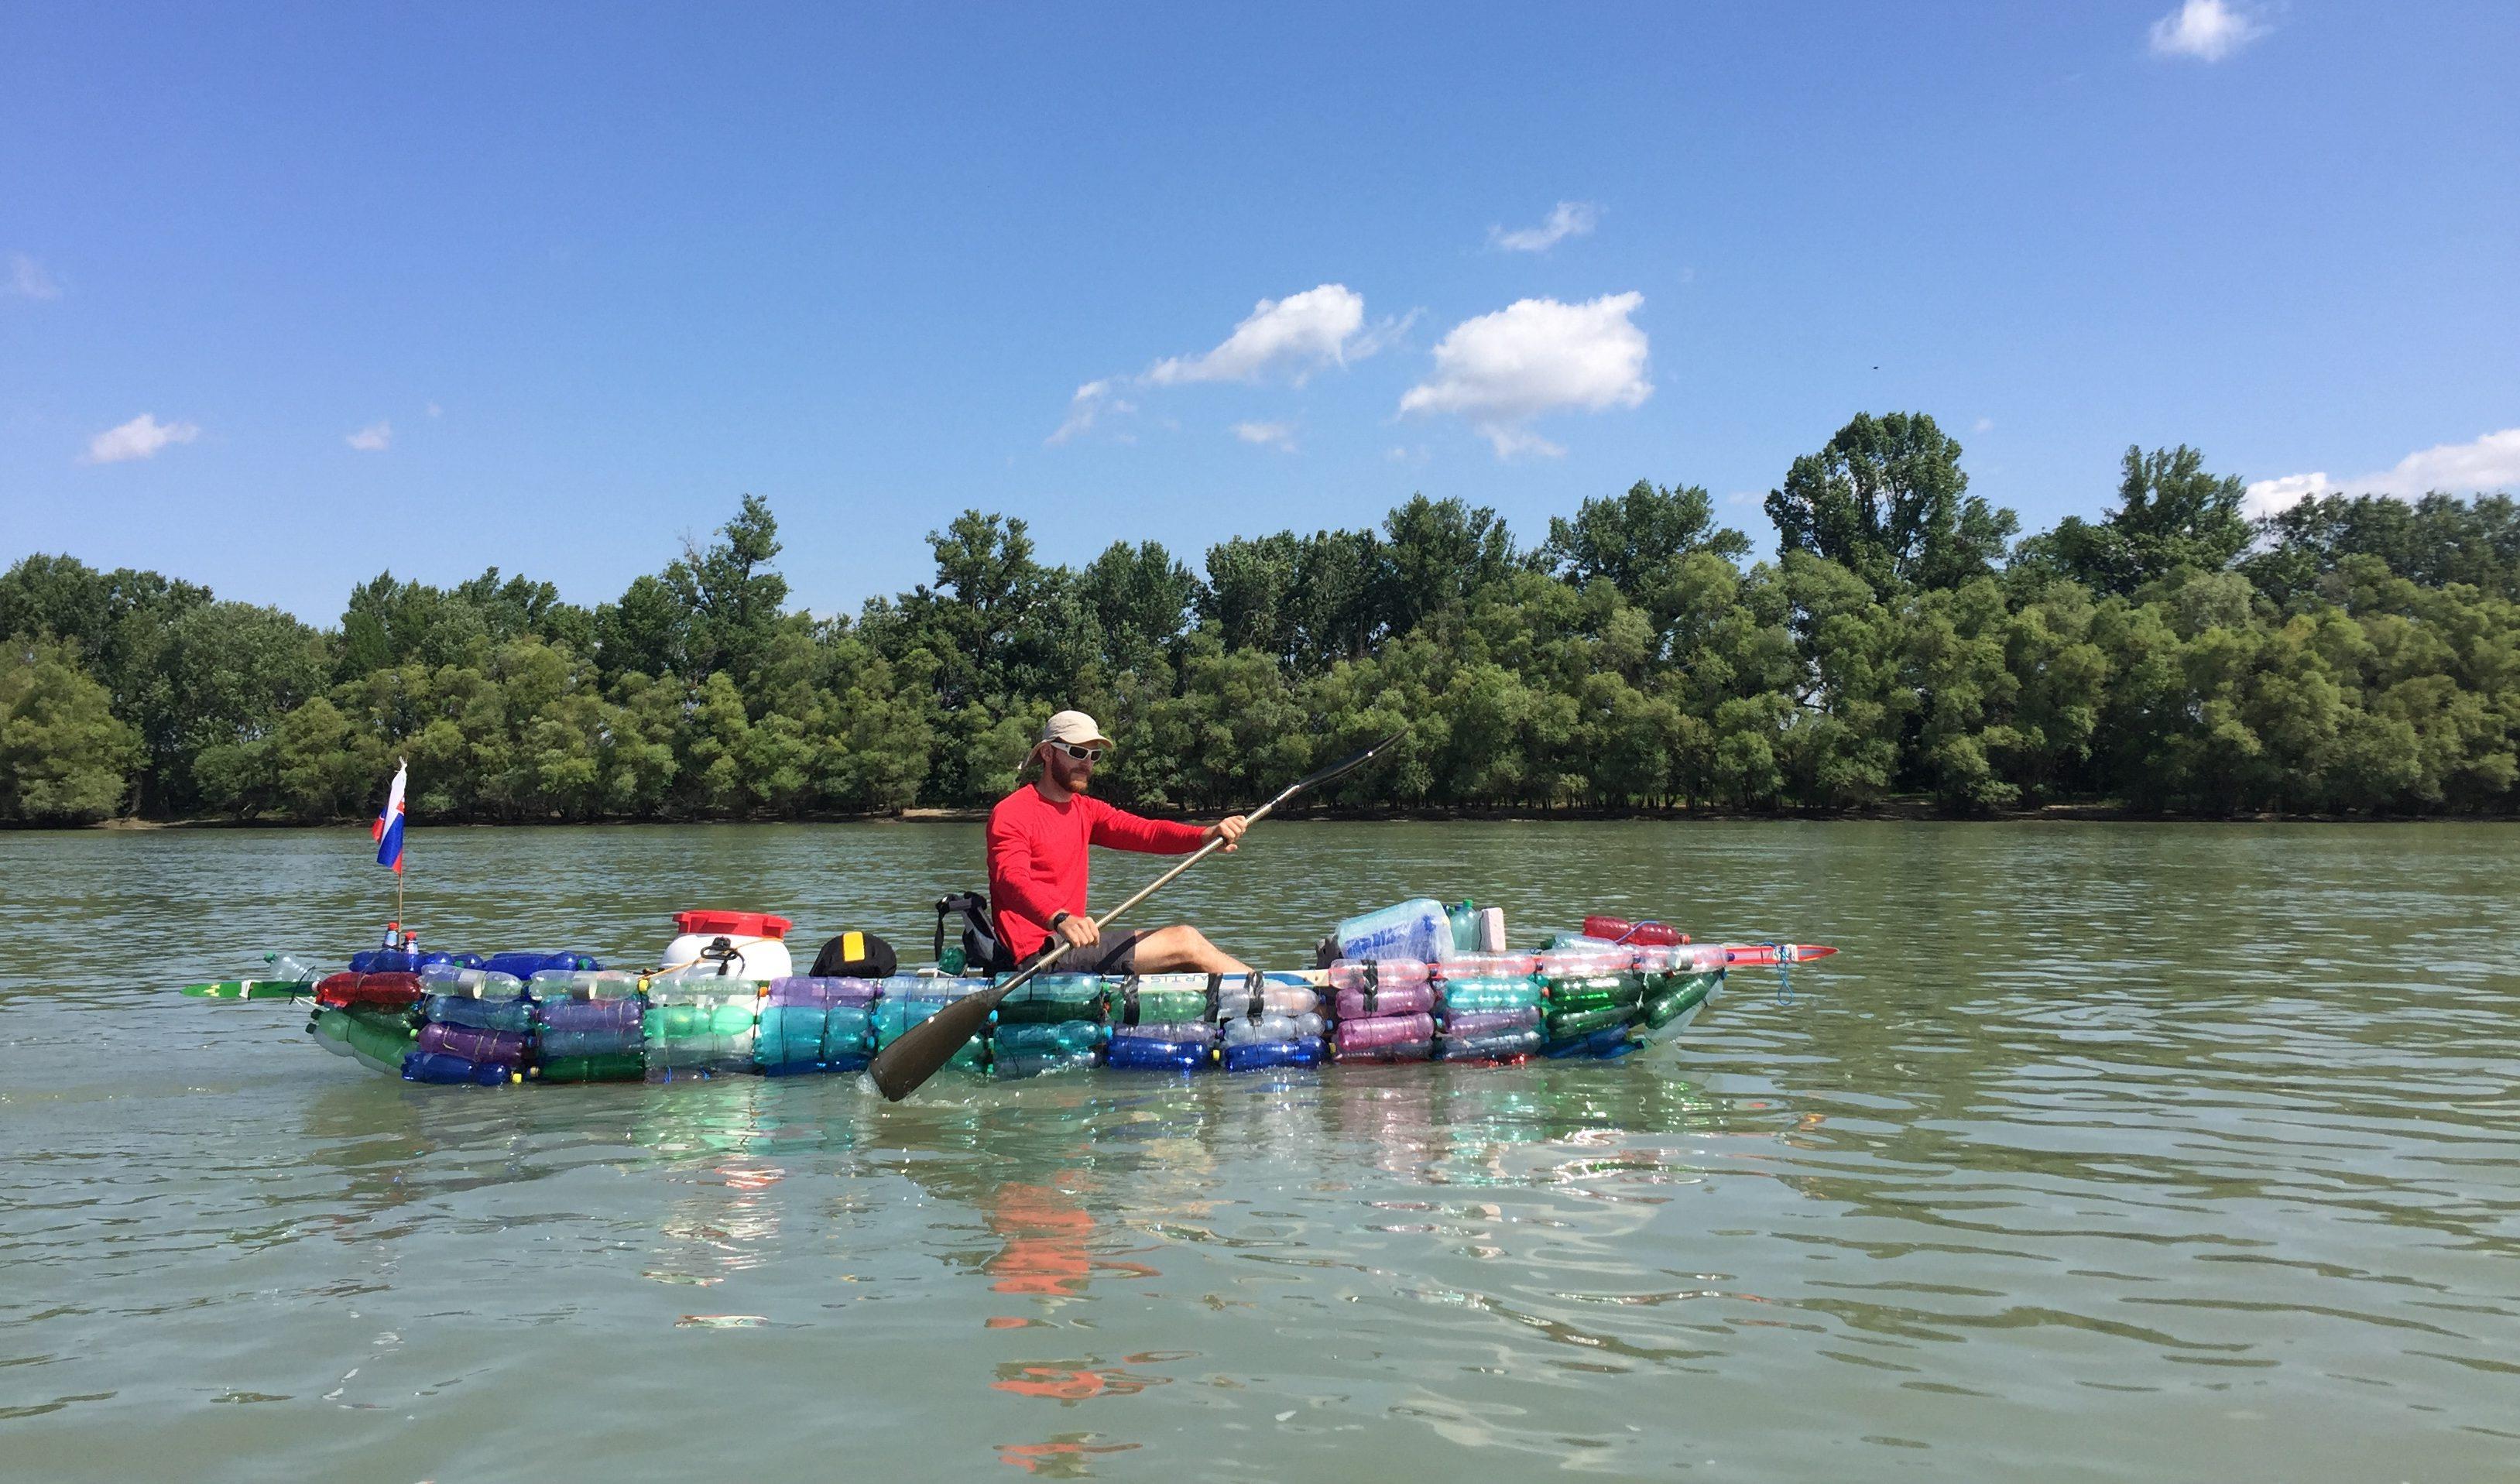 Tomáša už nebavilo pozerať na znečistený Dunaj a lužné lesy. Zvyplavených PET fliaš si postavil kajak avybral sa na protestnú plavbu